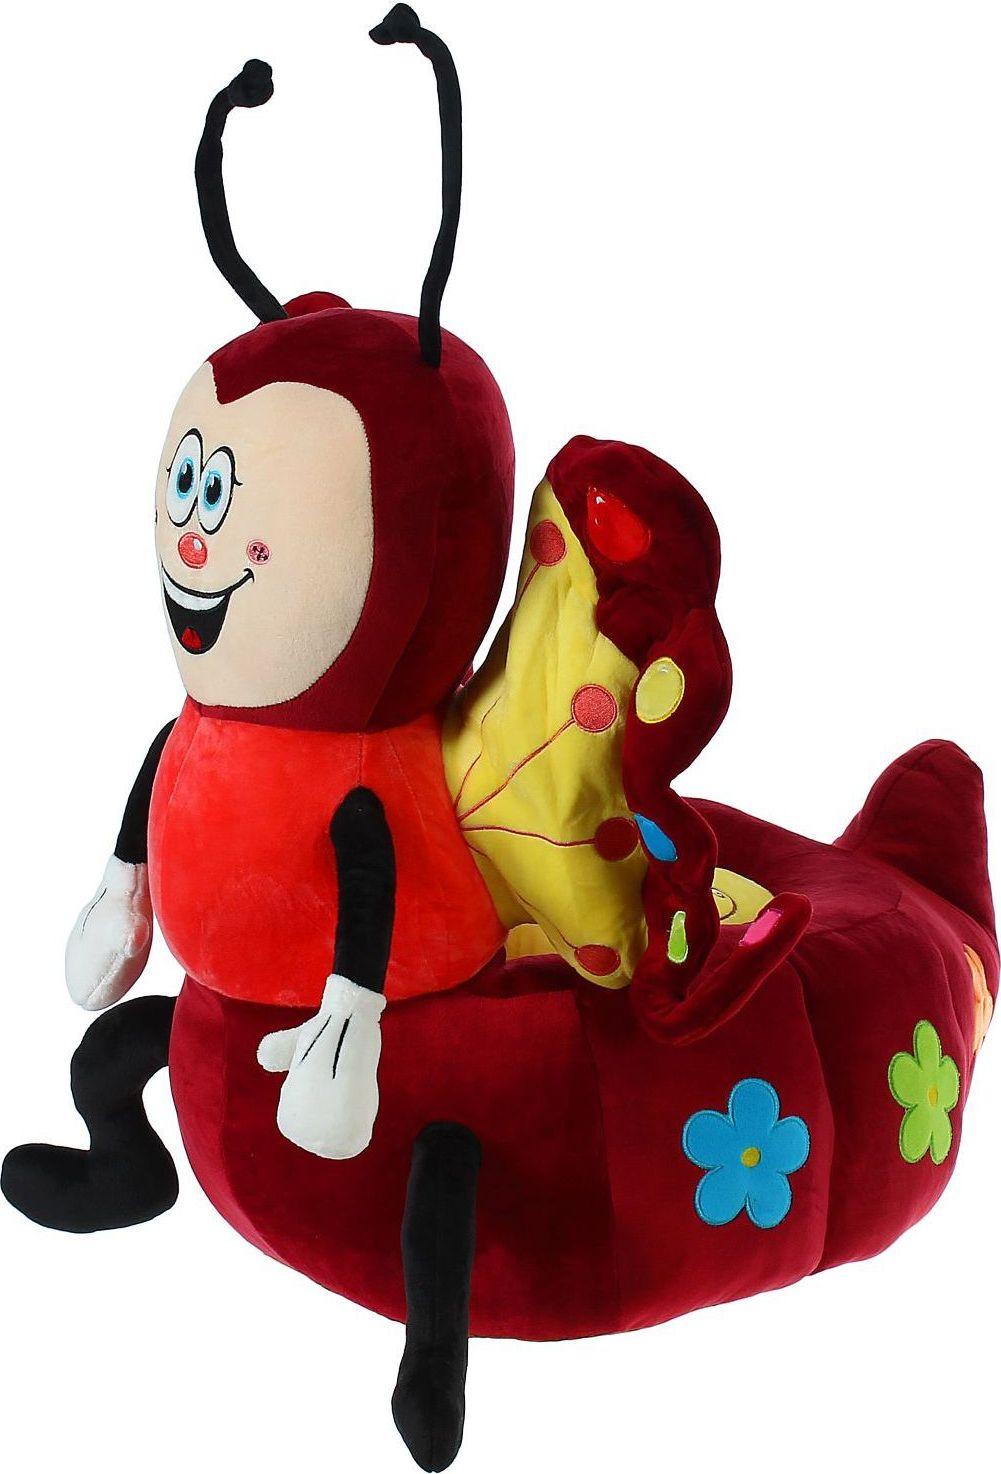 Sima-land Мягкая игрушка-кресло Божья коровка цвет красный sima land мягкая игрушка глазастый петушок в шарфе и с бантиком